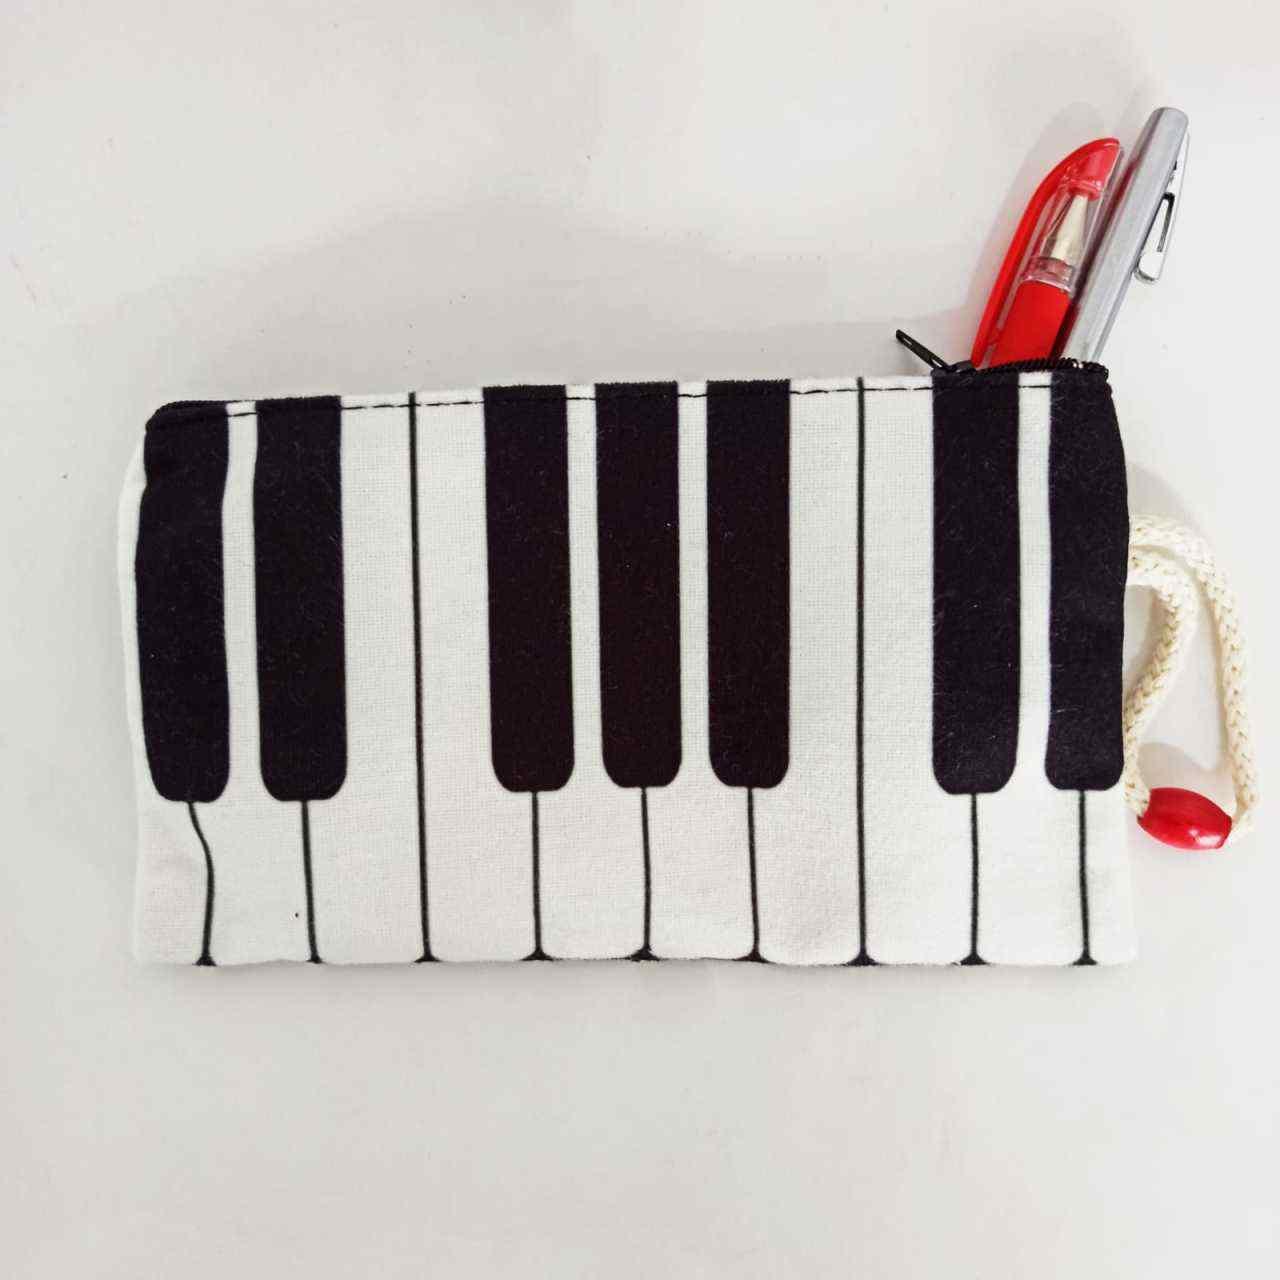 İpli Piyano Baskılı Bez Cüzdan Kalemlik